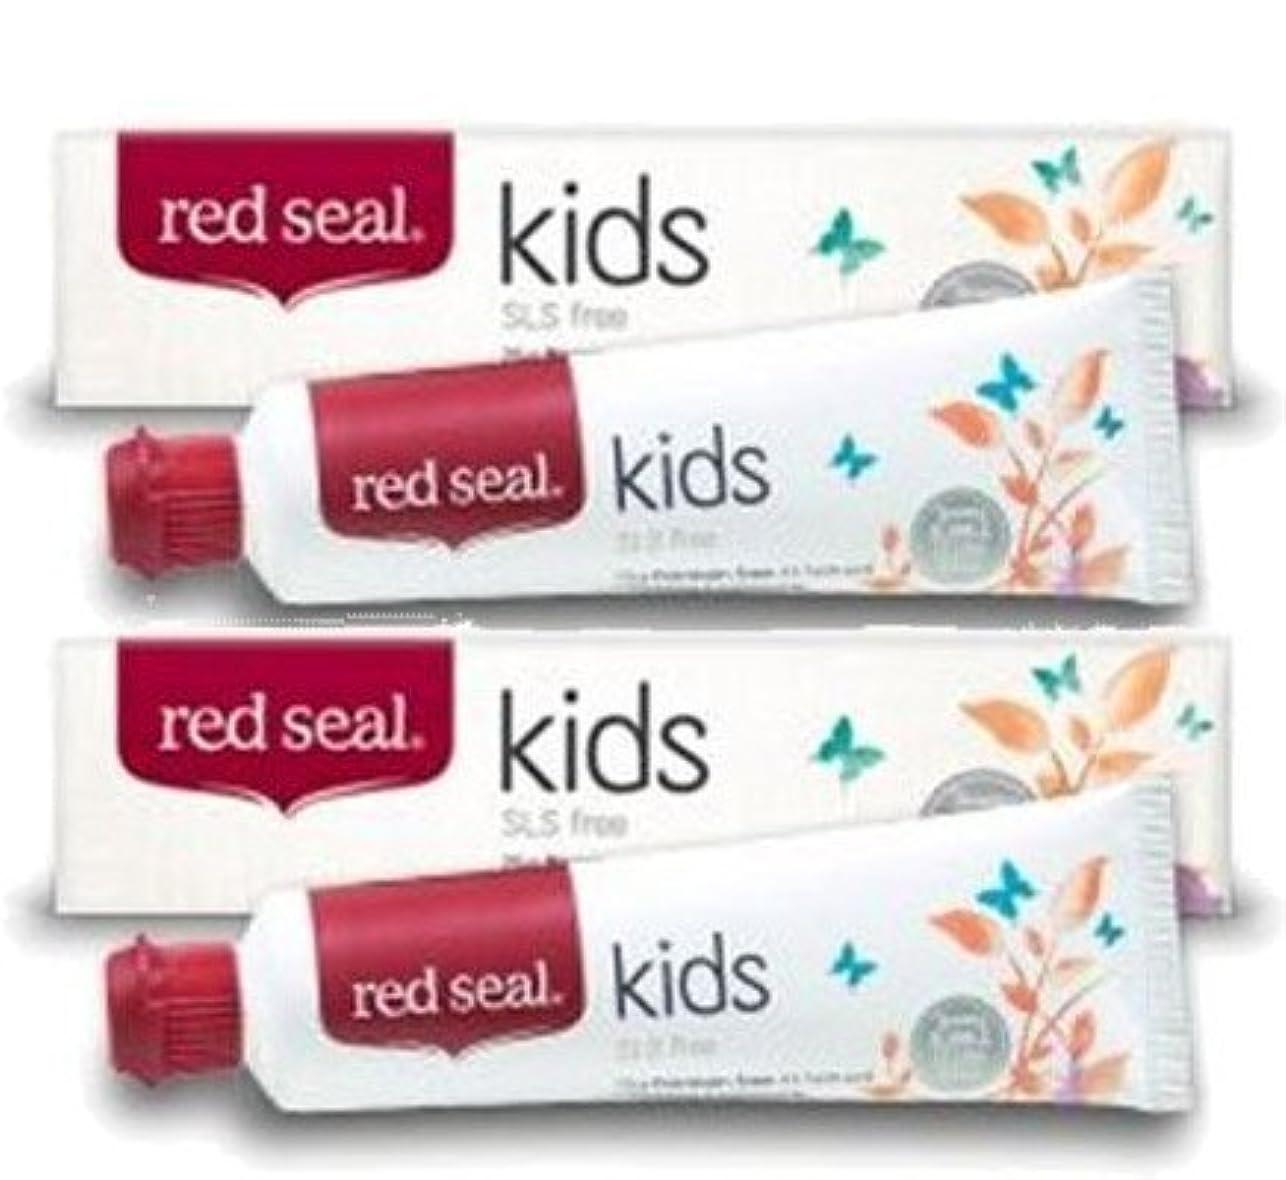 爆発する怠けた無心子供用 天然 キッズ 歯磨き粉 75g 2個セット / Natural Kids Toothpaste 75g [海外直送] [並行輸入品]